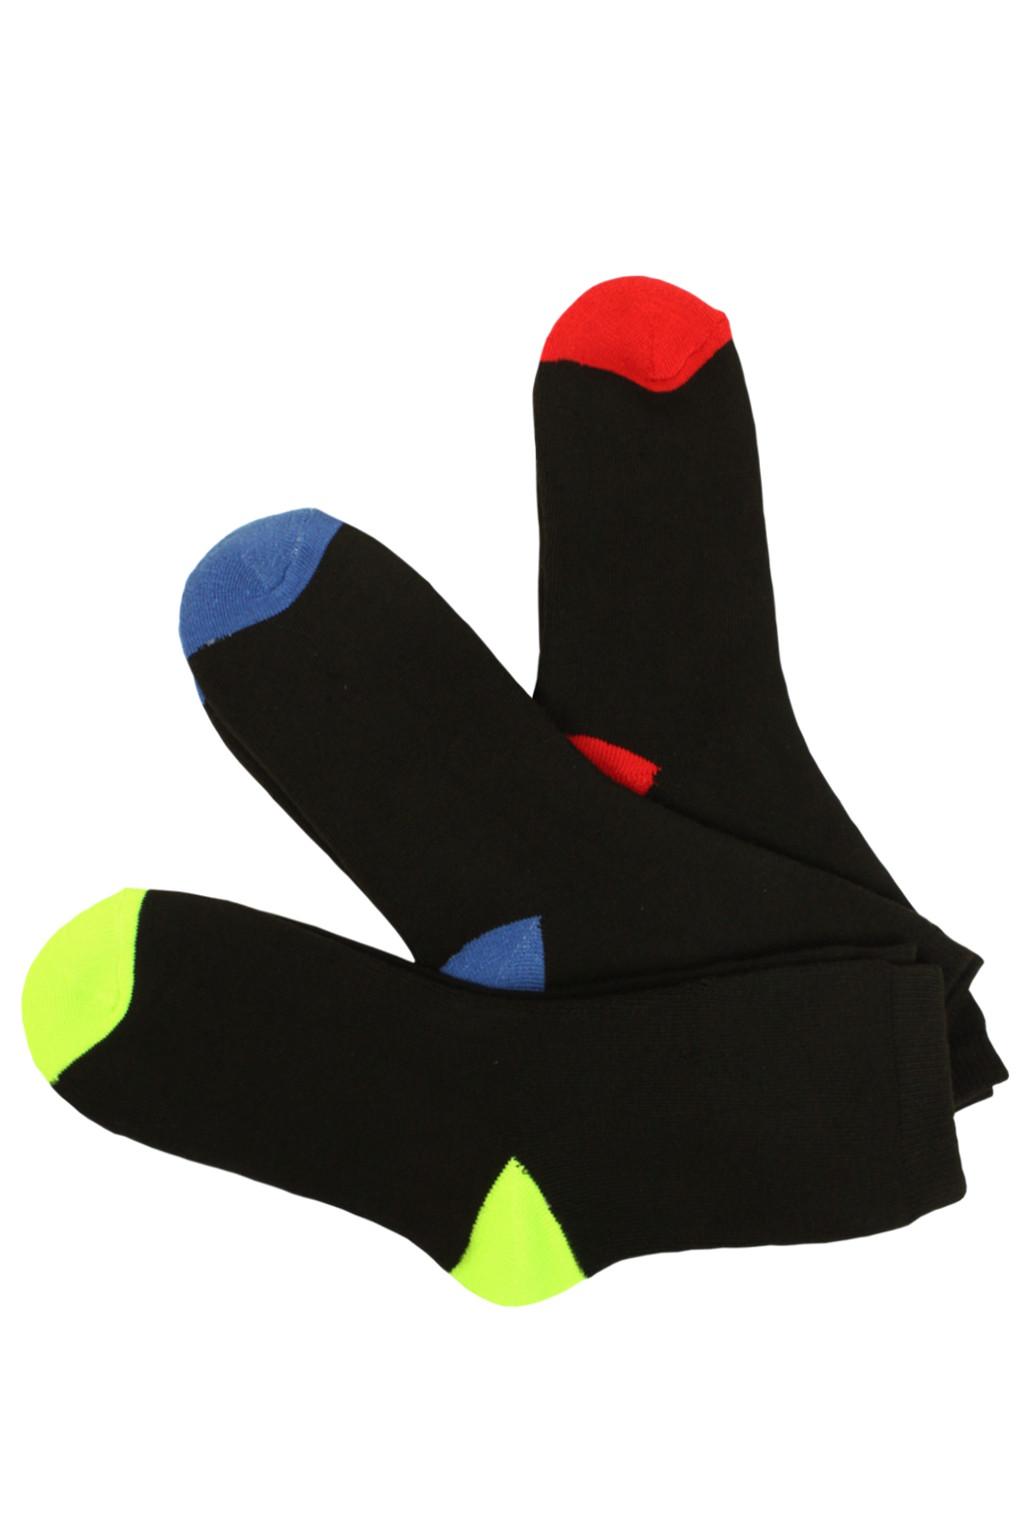 Teplé vyšší dámské ponožky - 2 pack 38-42 černá